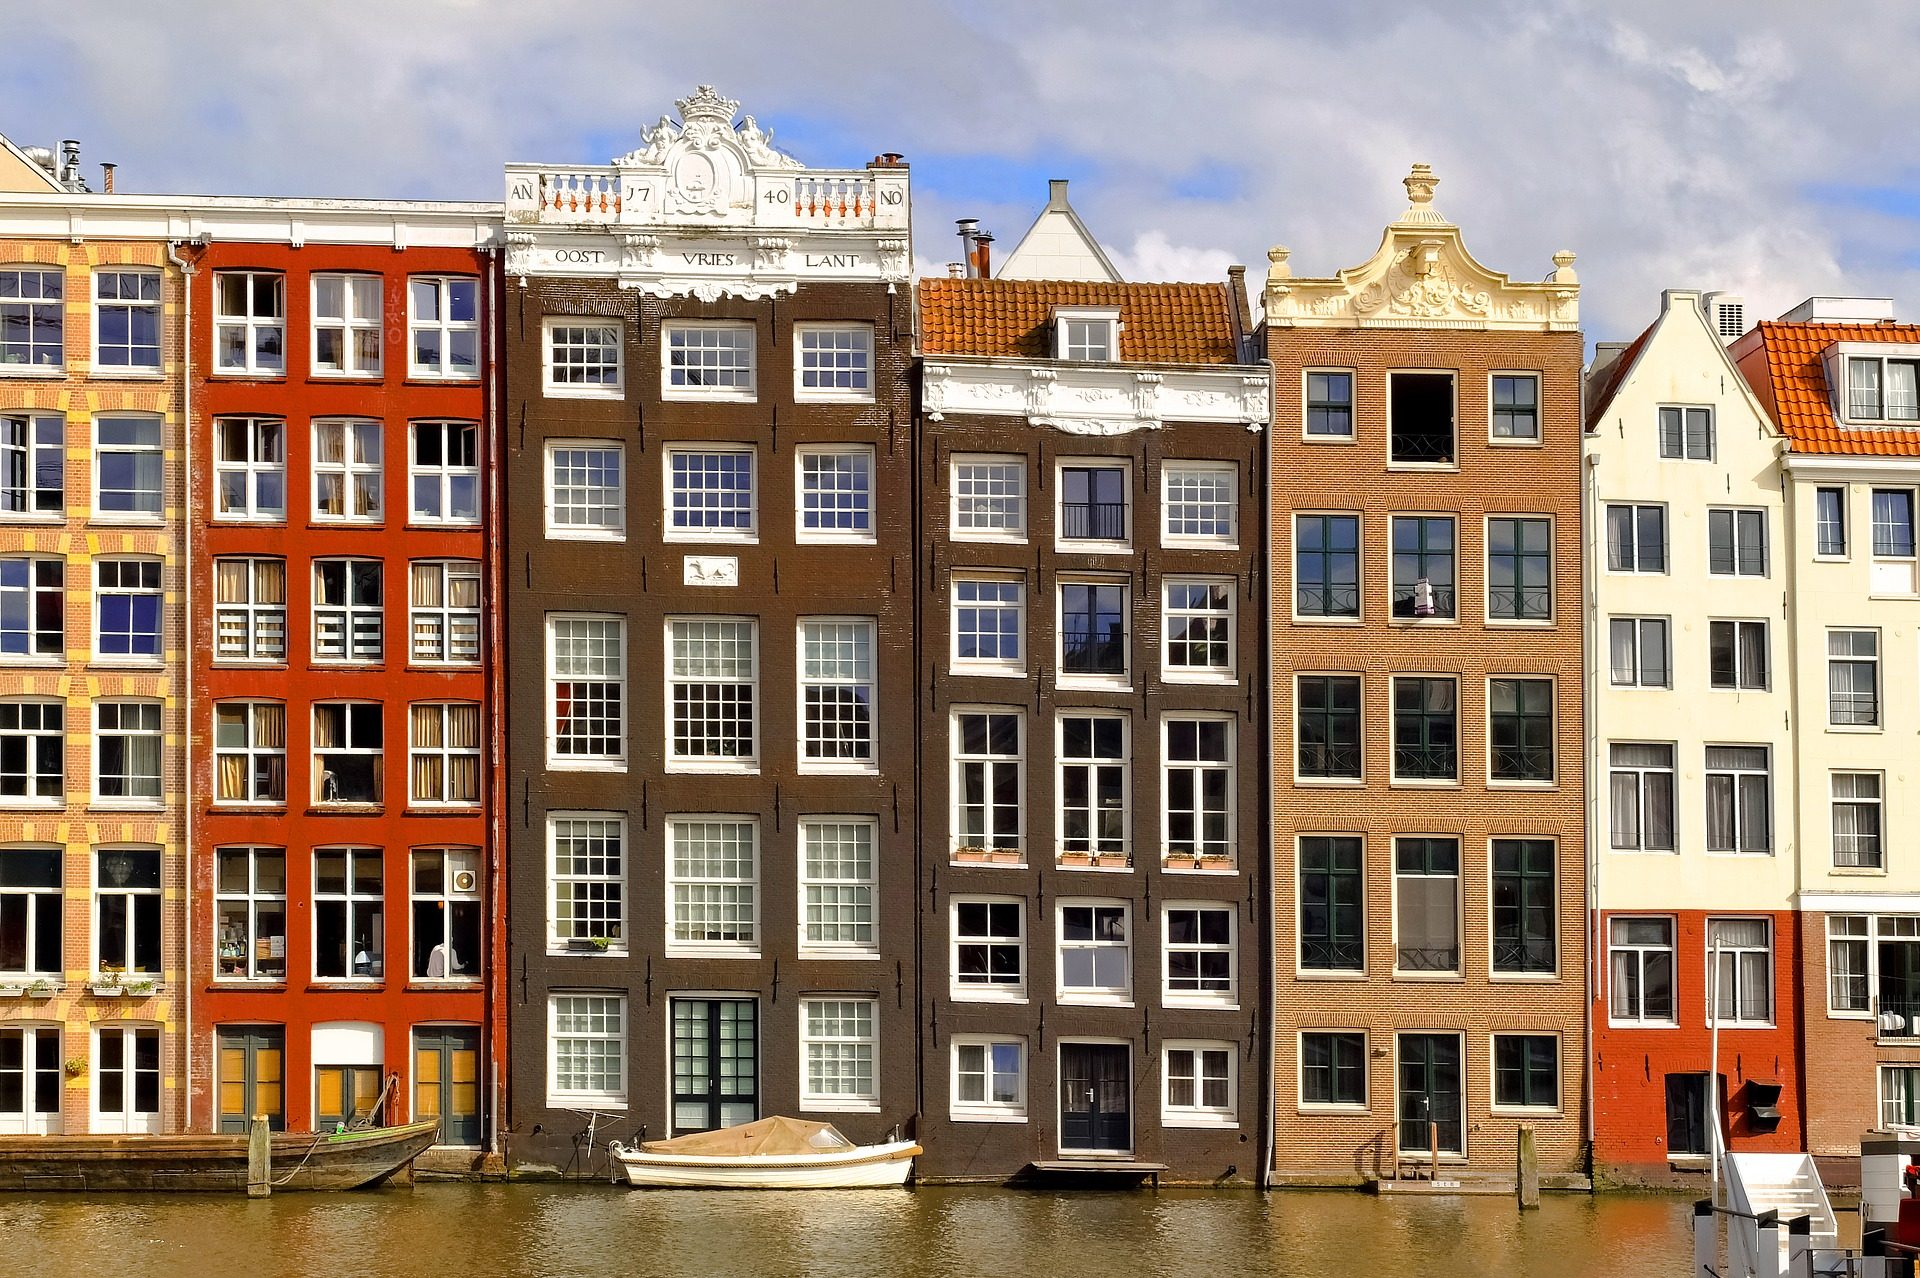 κτίρια, σπίτια, προσόψεις, πολύχρωμο, Άμστερνταμ, Ολλανδία - Wallpapers HD - Professor-falken.com